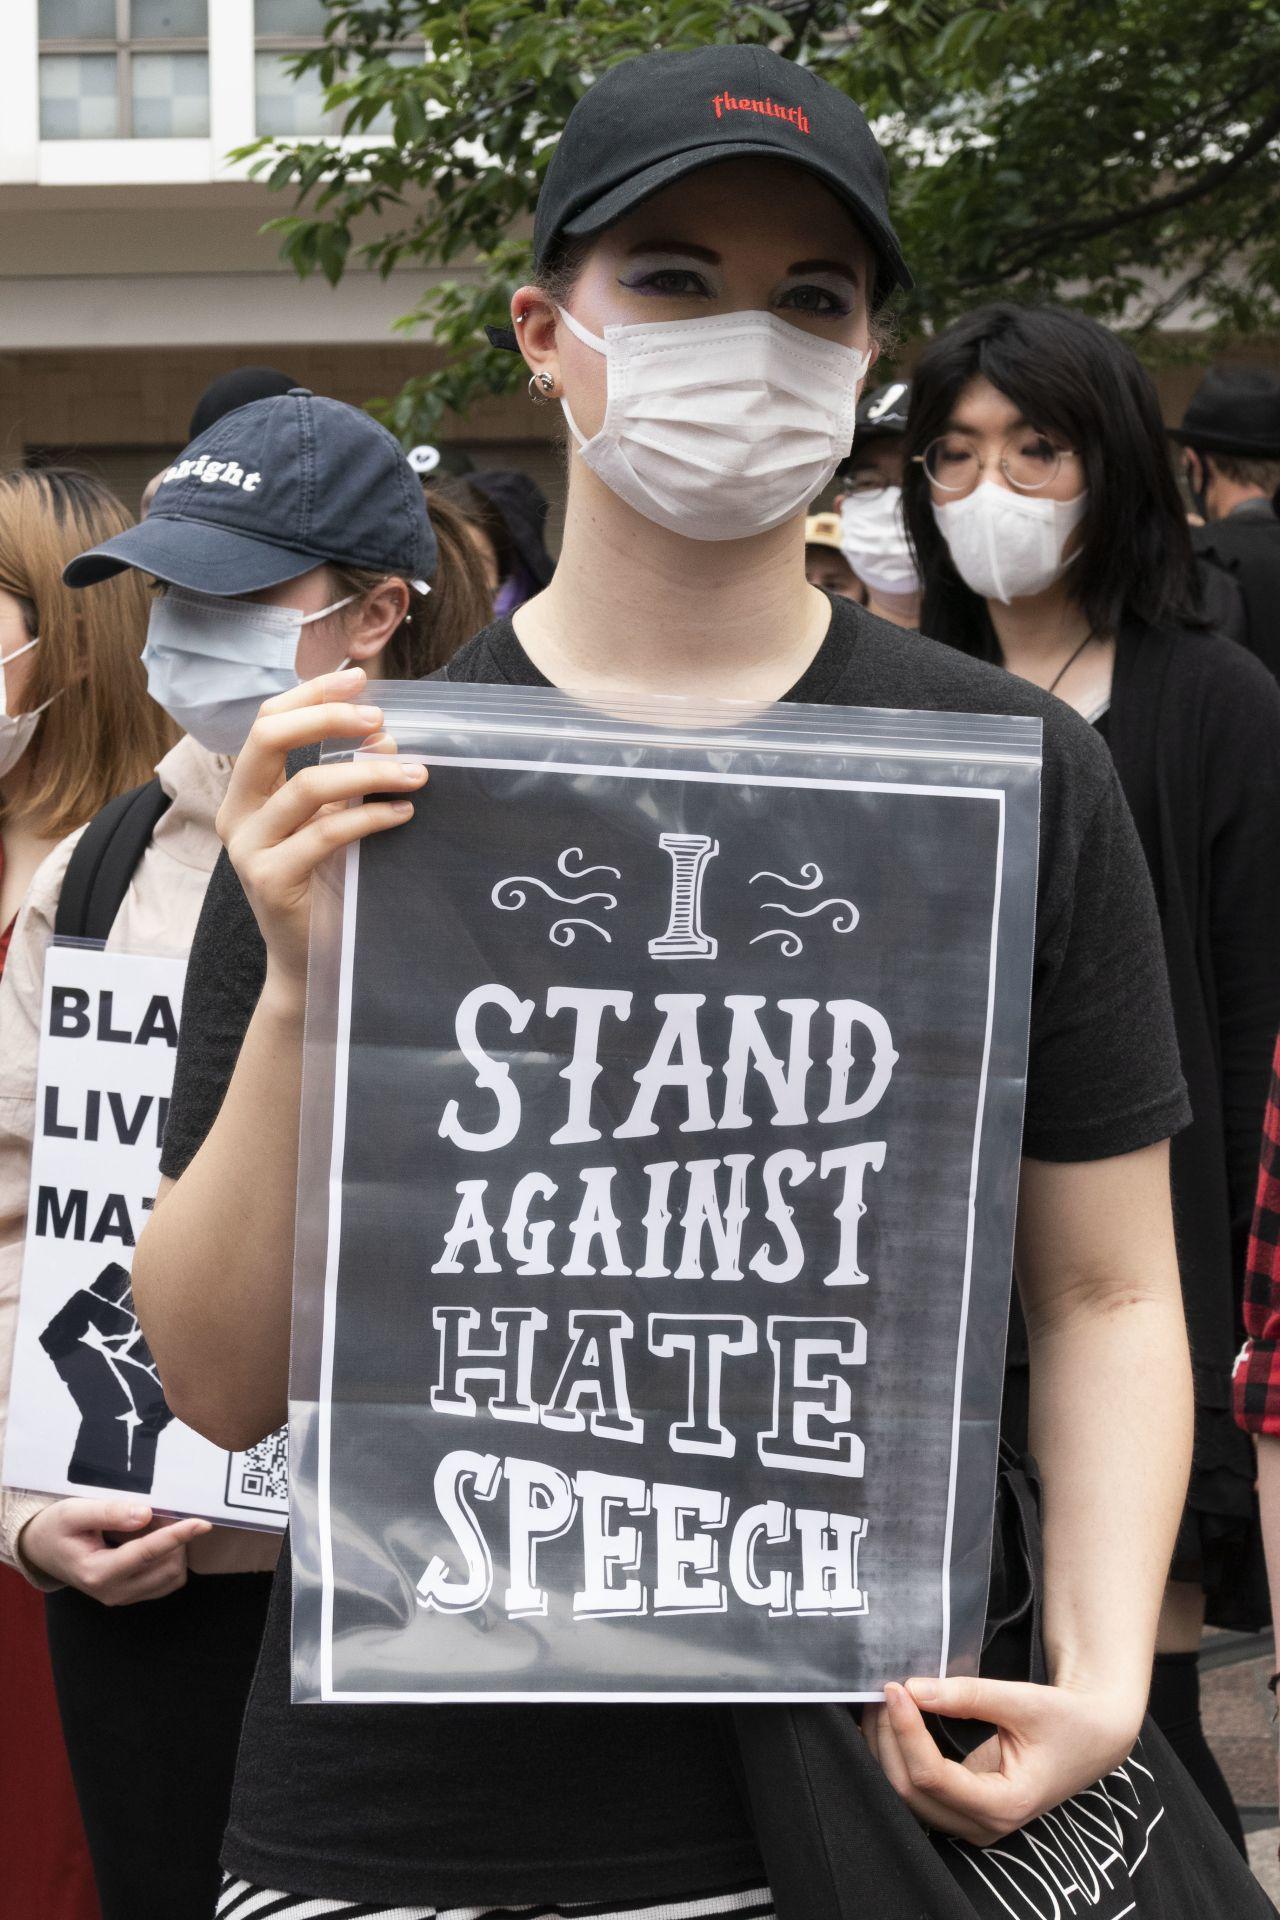 """Gegen Hate Speech: Diese Haltung zeigt eine Frau während des """"Black Lives Matter""""-Protestes in Tokios Shibuya-Gebiet."""